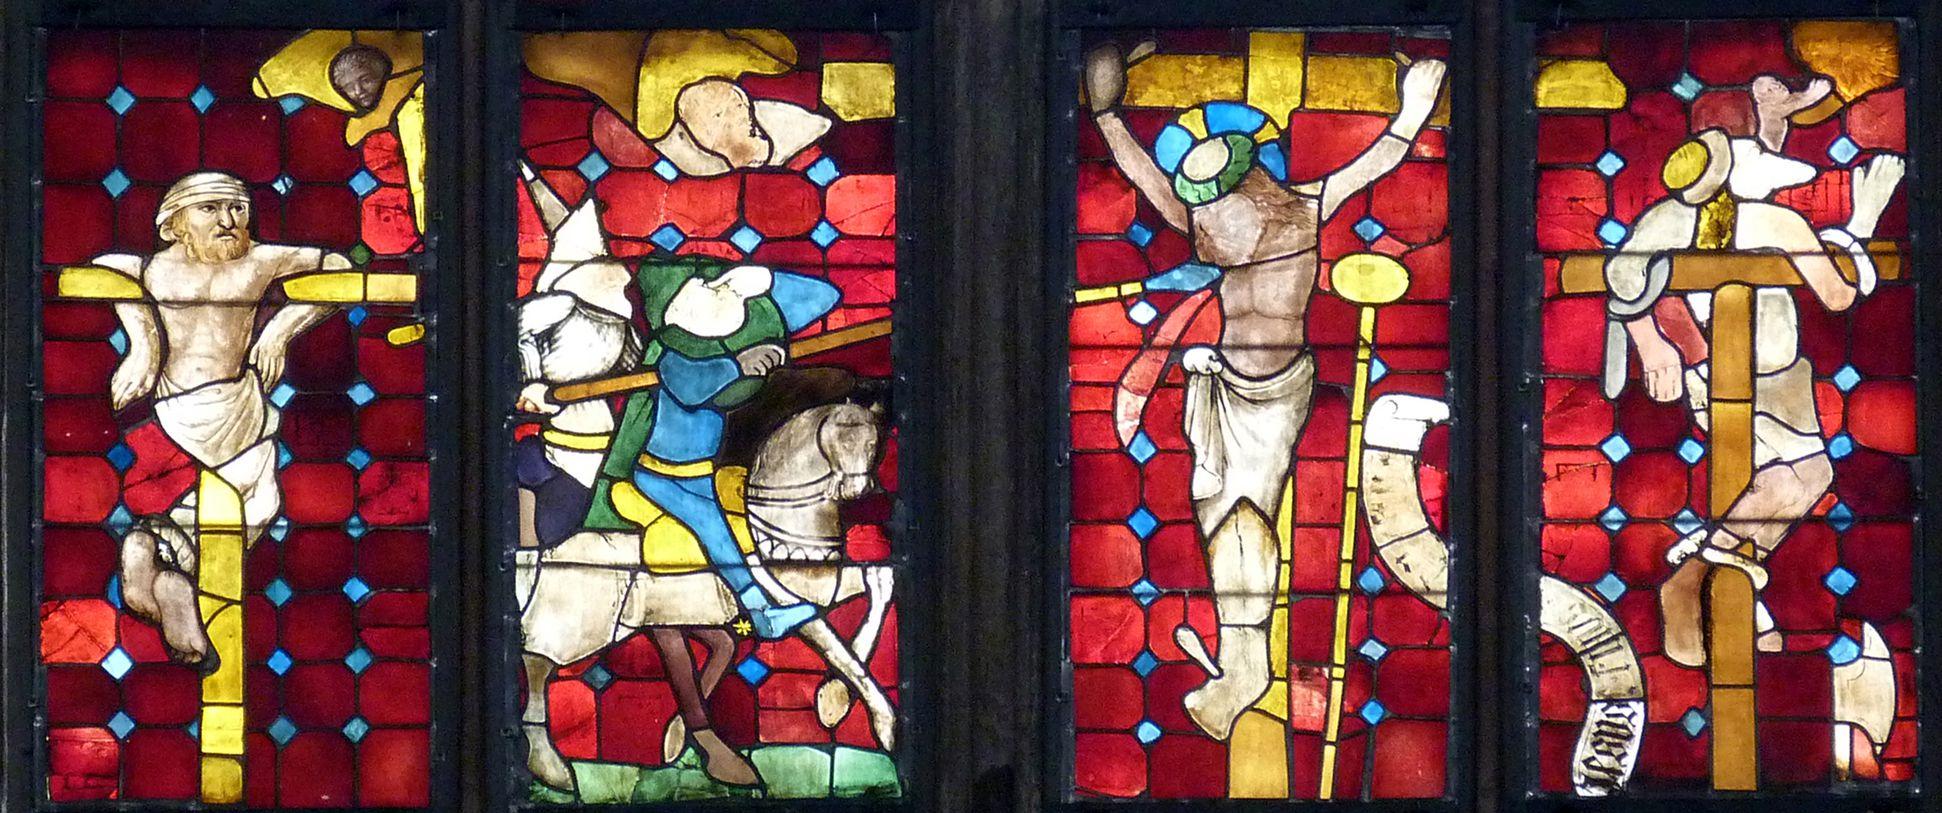 Tucher-Fenster Sechste Zeile